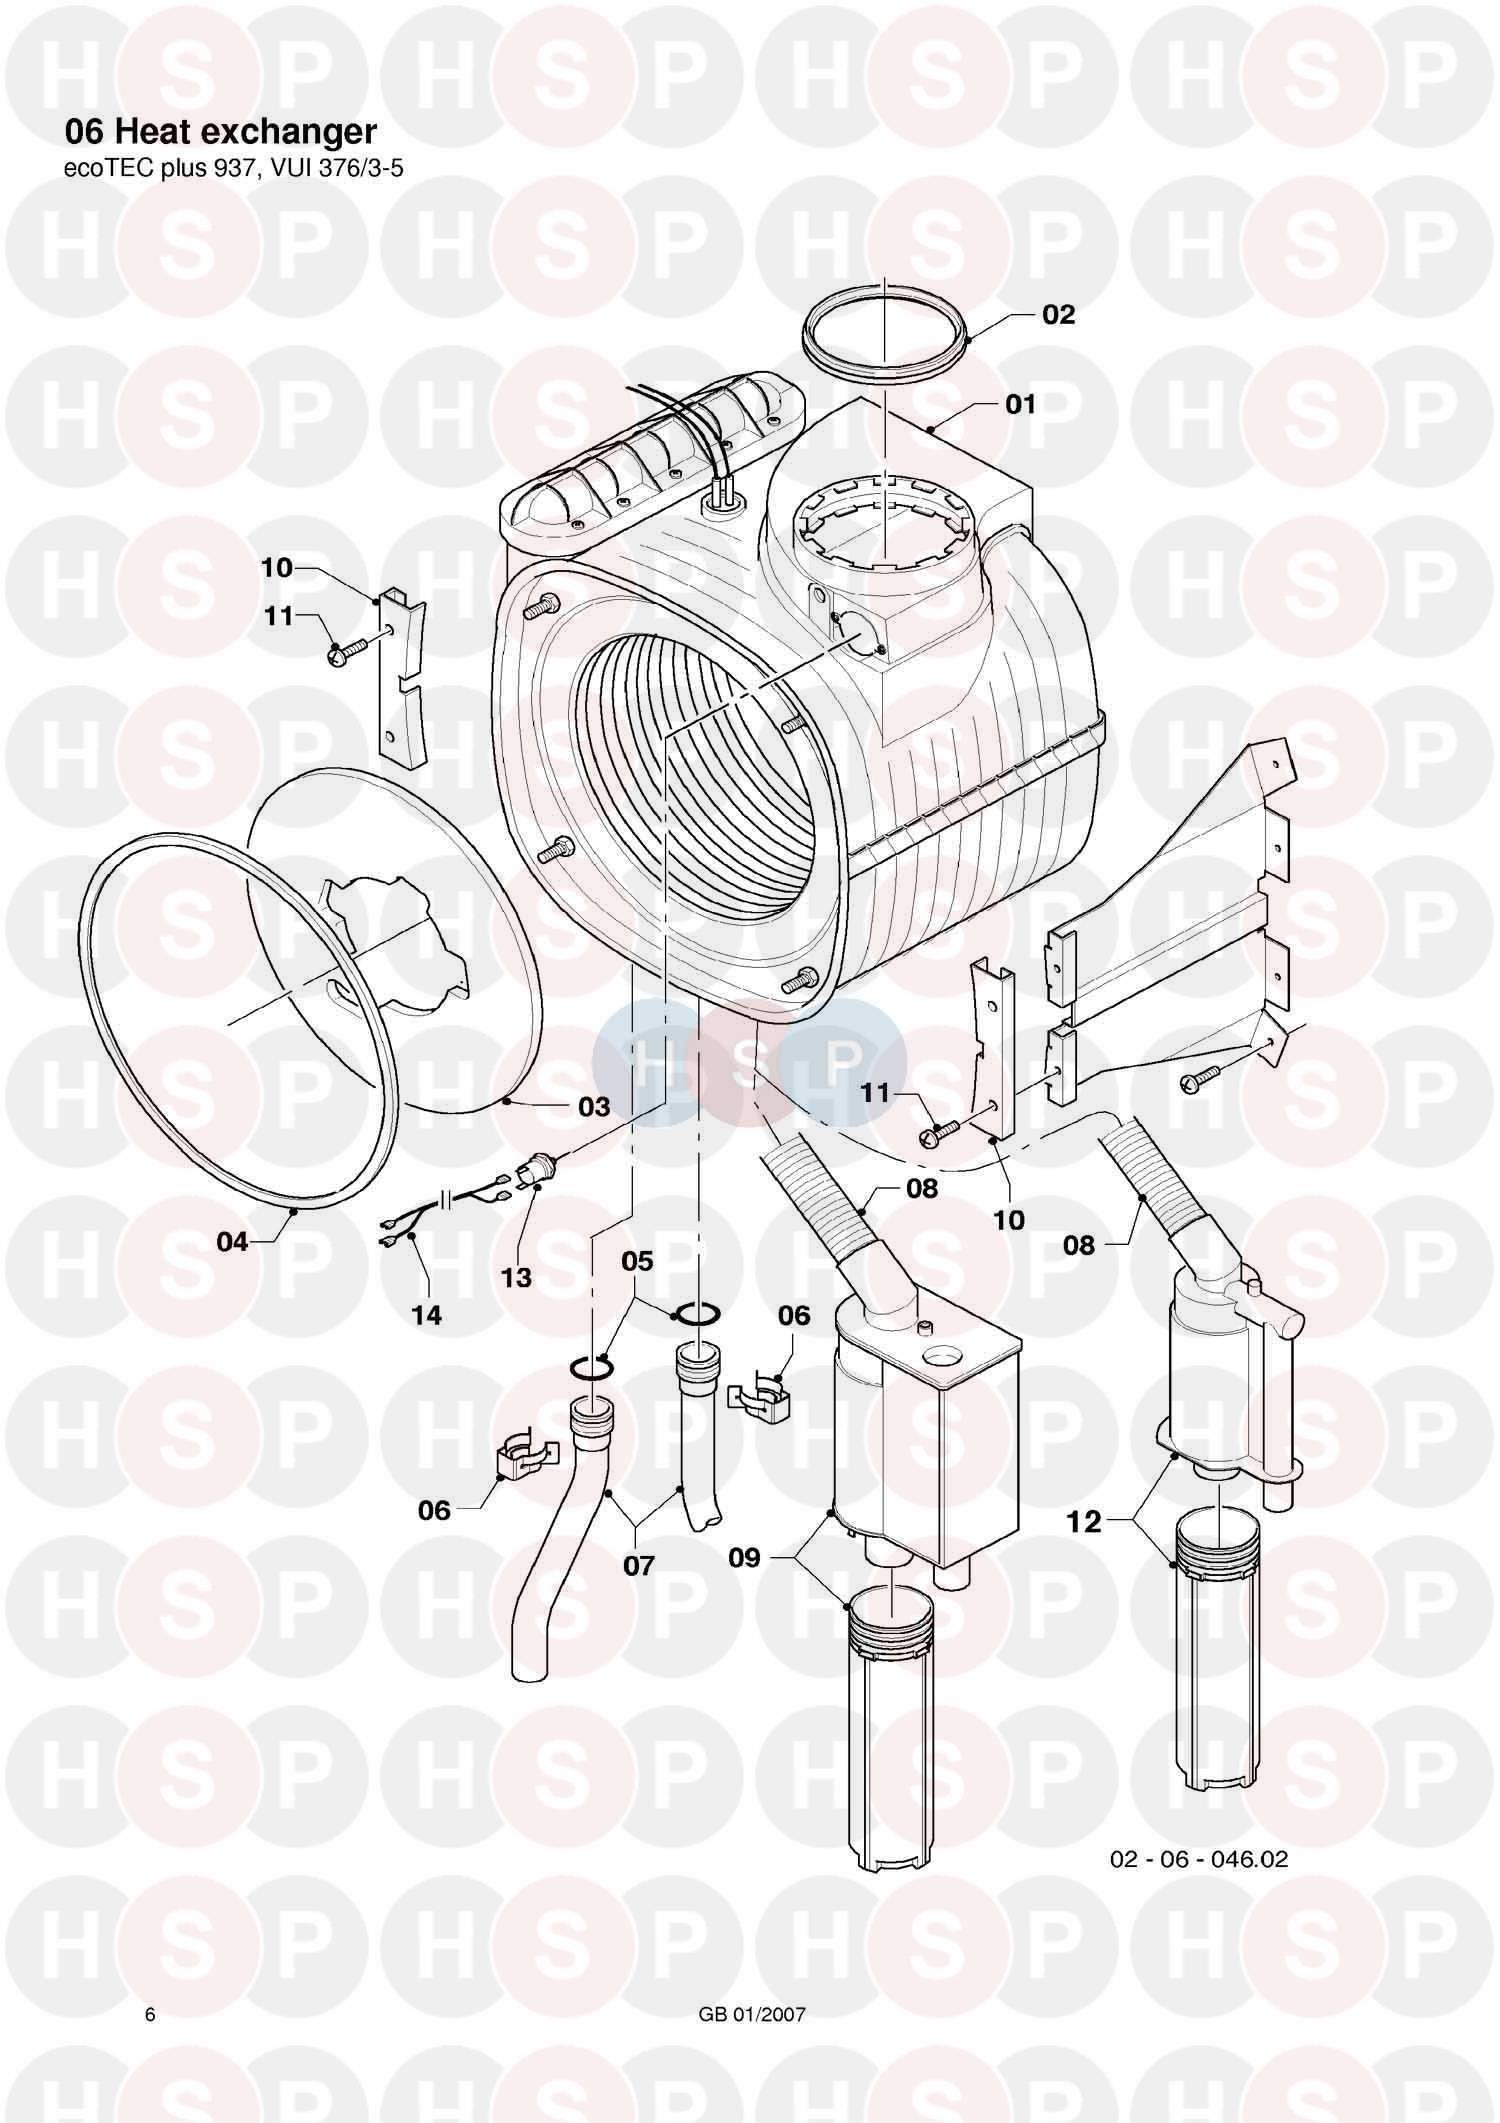 Vaillant ecotec plus 937 vui 3763 5 2006 2012 06 heat exchanger 06 heat exchanger diagram for vaillant ecotec plus 937 vui 3763 5 2006 cheapraybanclubmaster Images